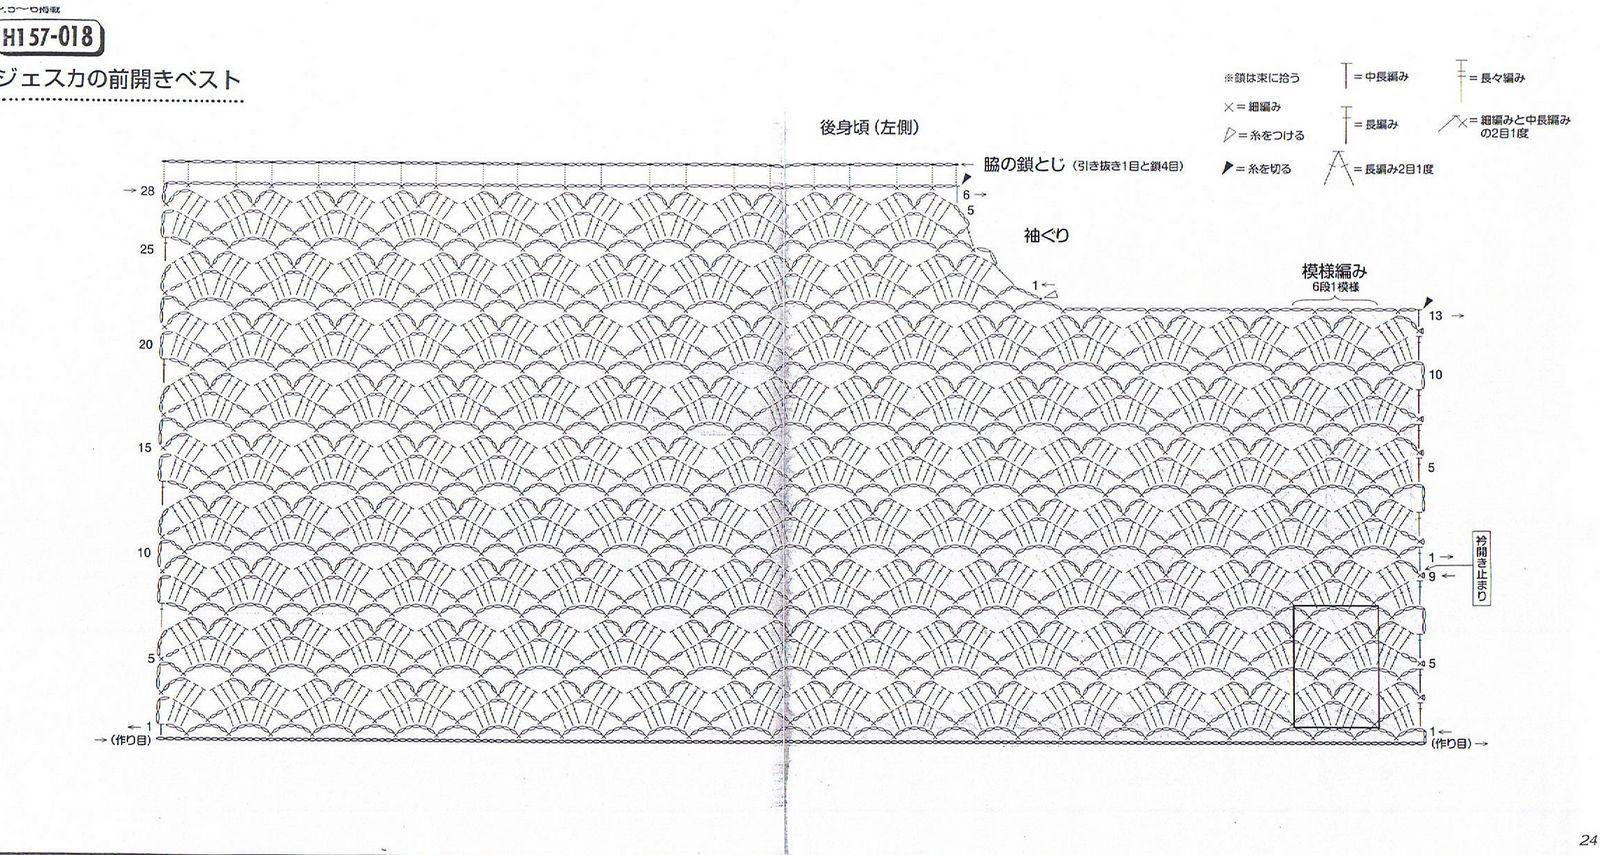 0340_Aiamu Olive vol.325 (51)